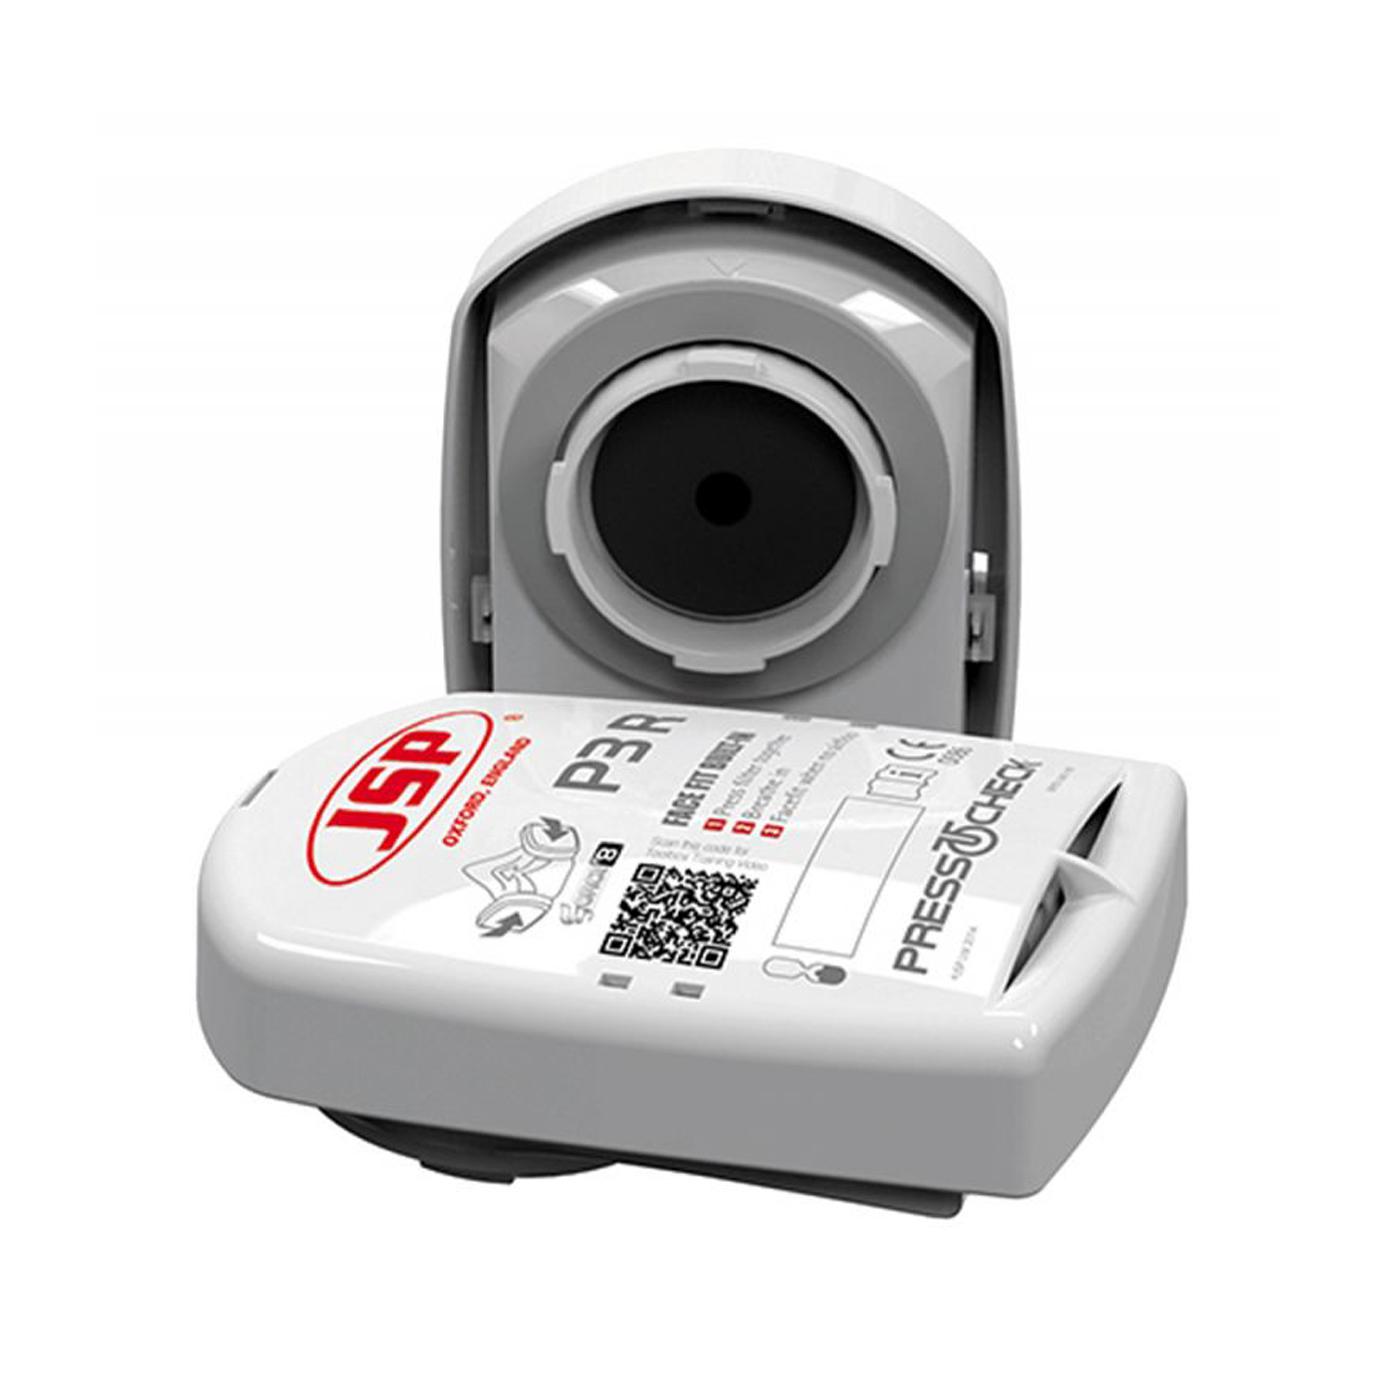 Filtropochłaniacz JSP PressToCheck Filtr – P3 BMN990-001-700